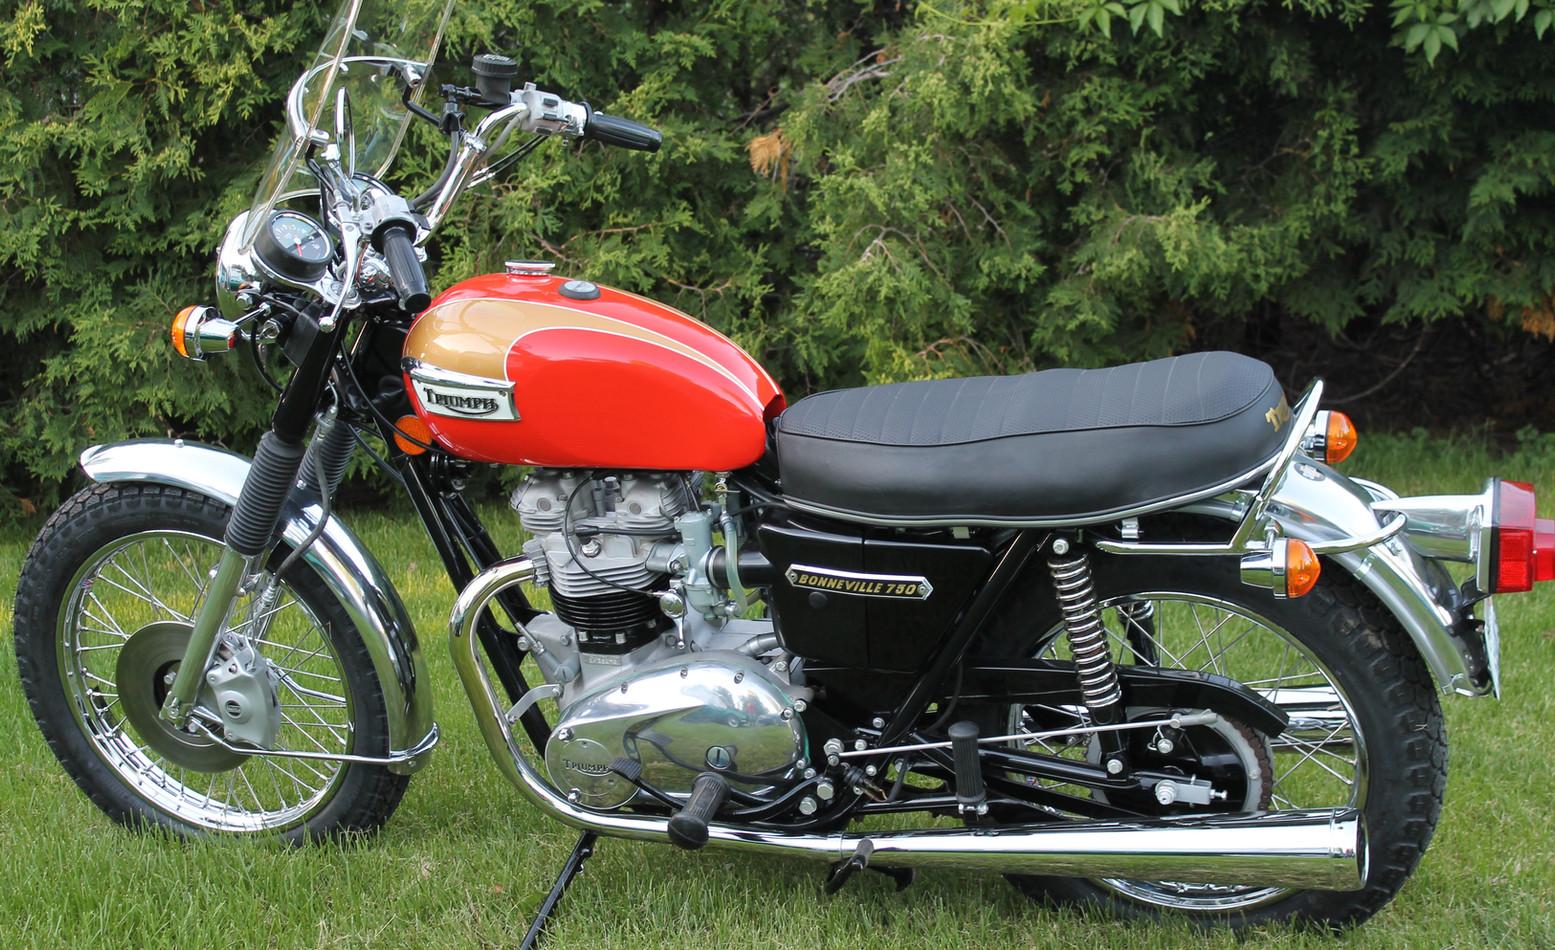 1973 Triumph Bonneville motorcycle - the